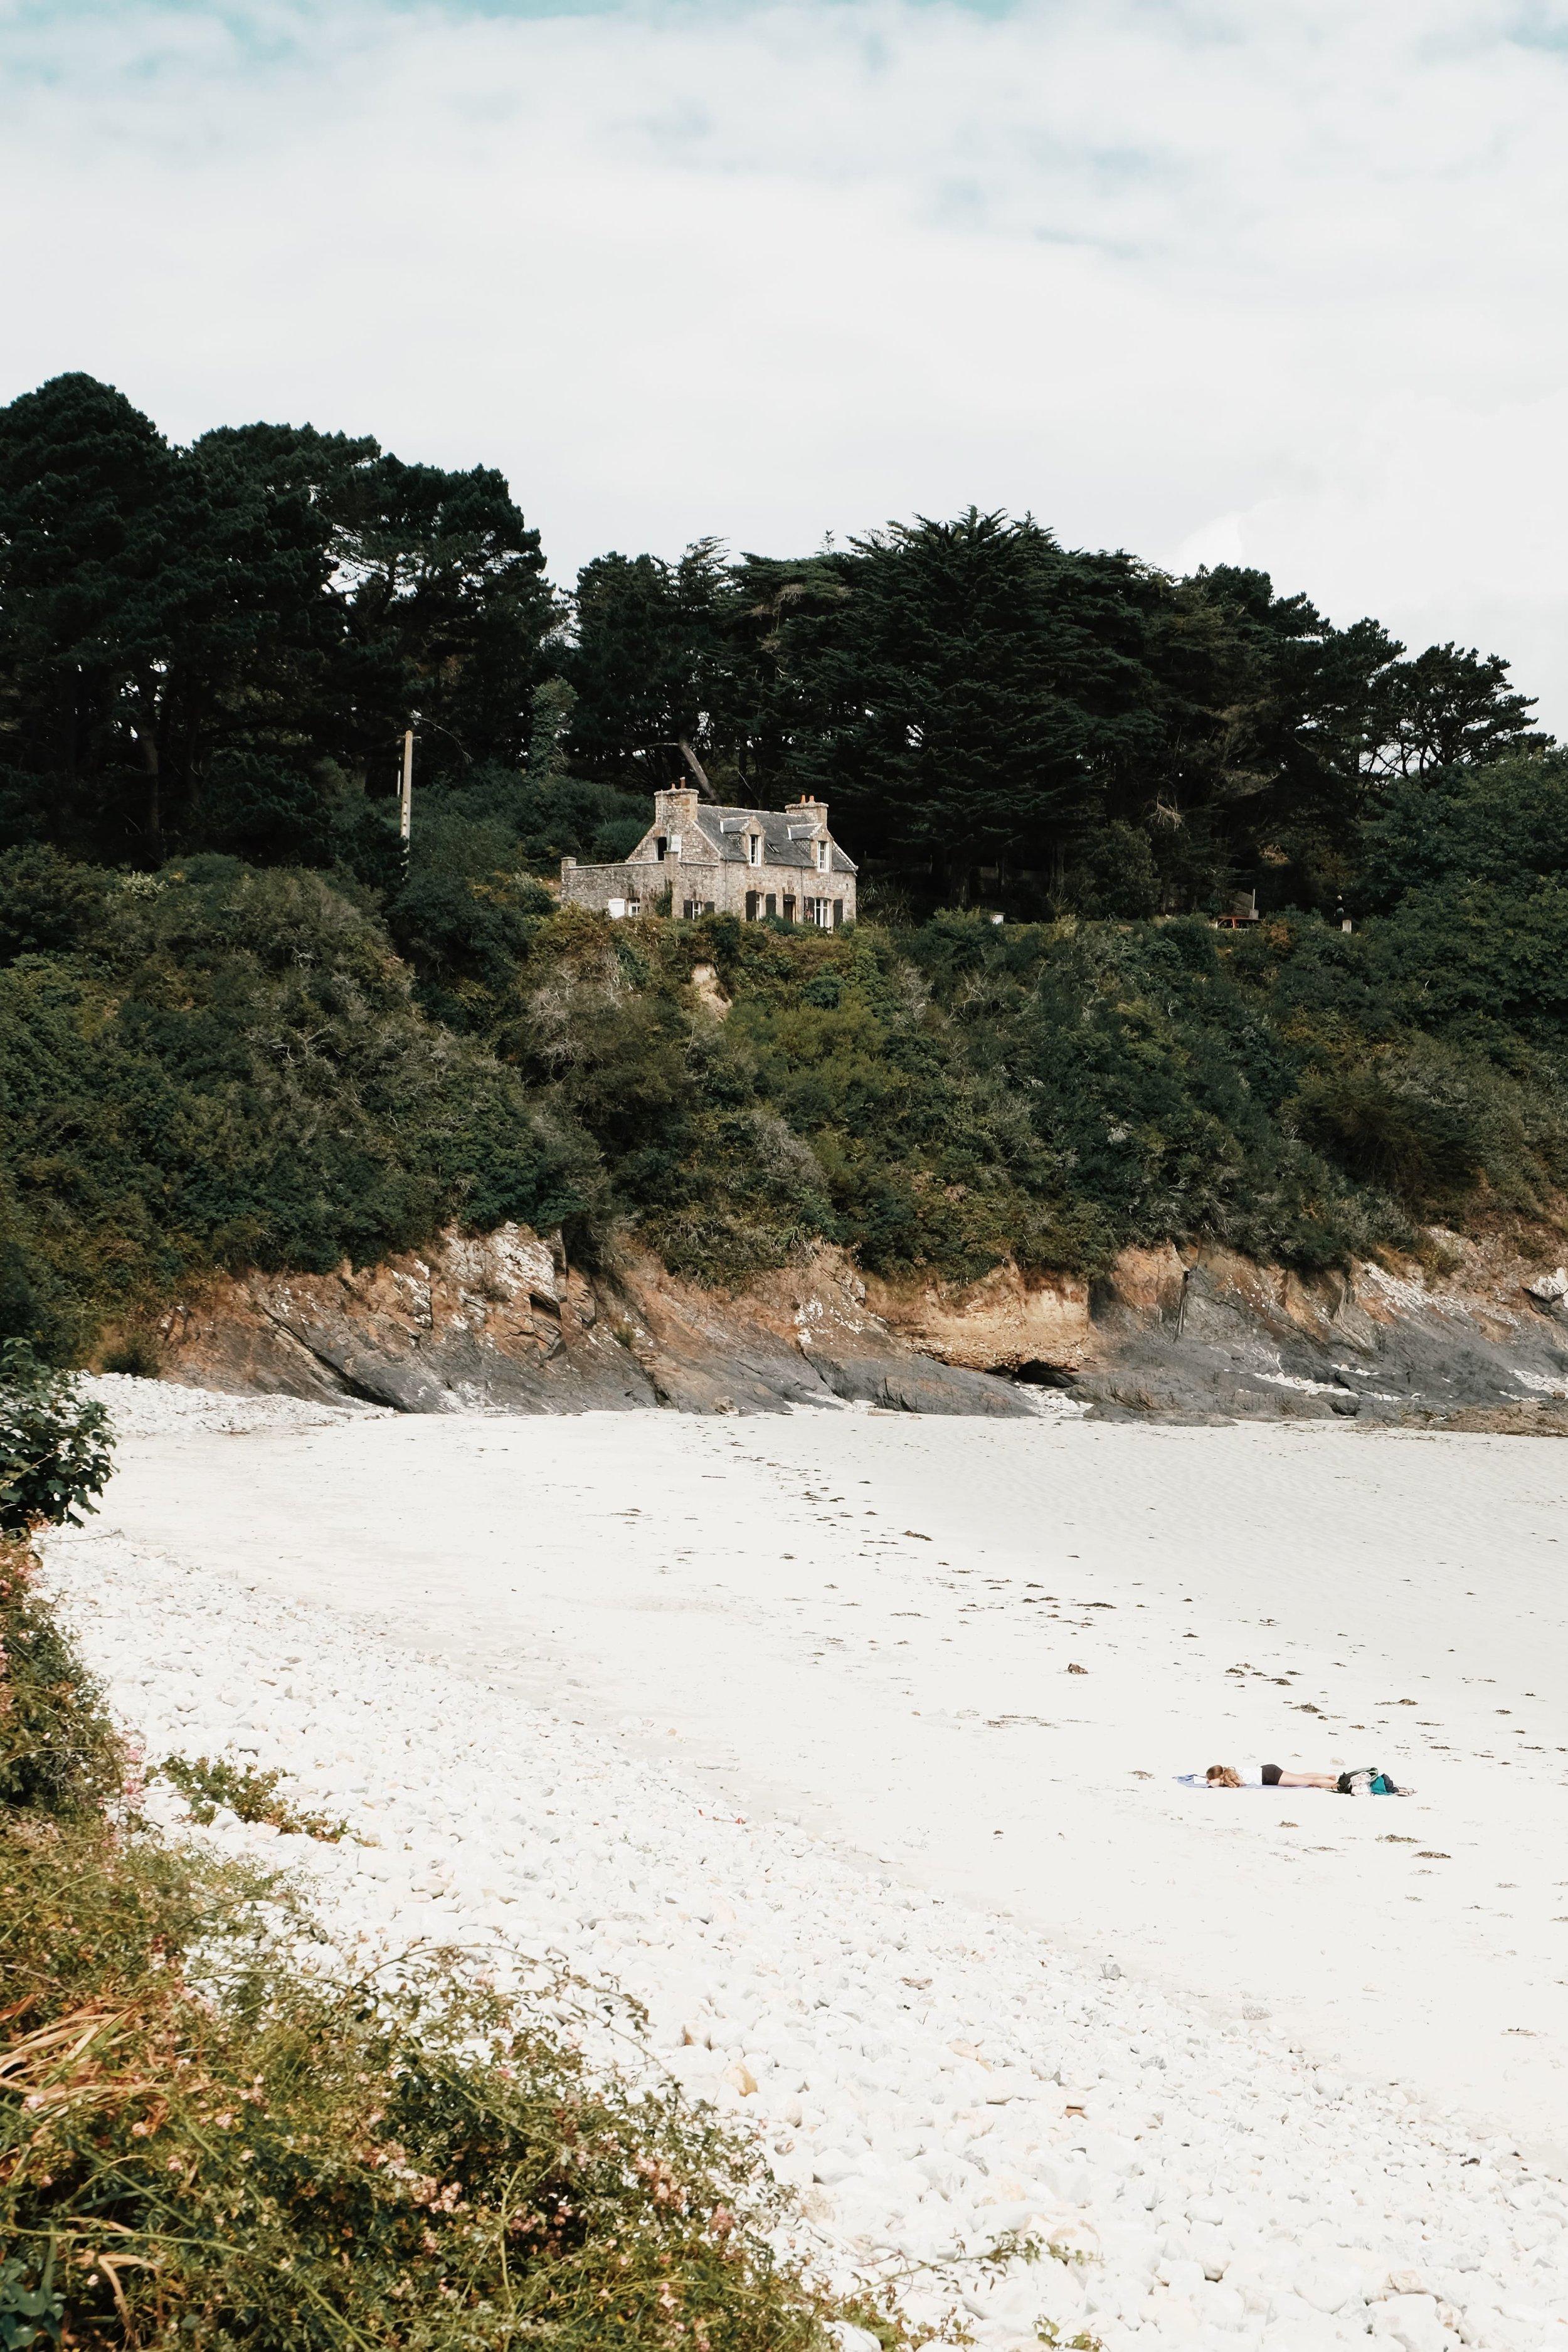 Carnet Sauvage - blog voyage Lille - visiter la Bretagne - presqu'ile de Crozon - Camaret sur mer 6.jpg